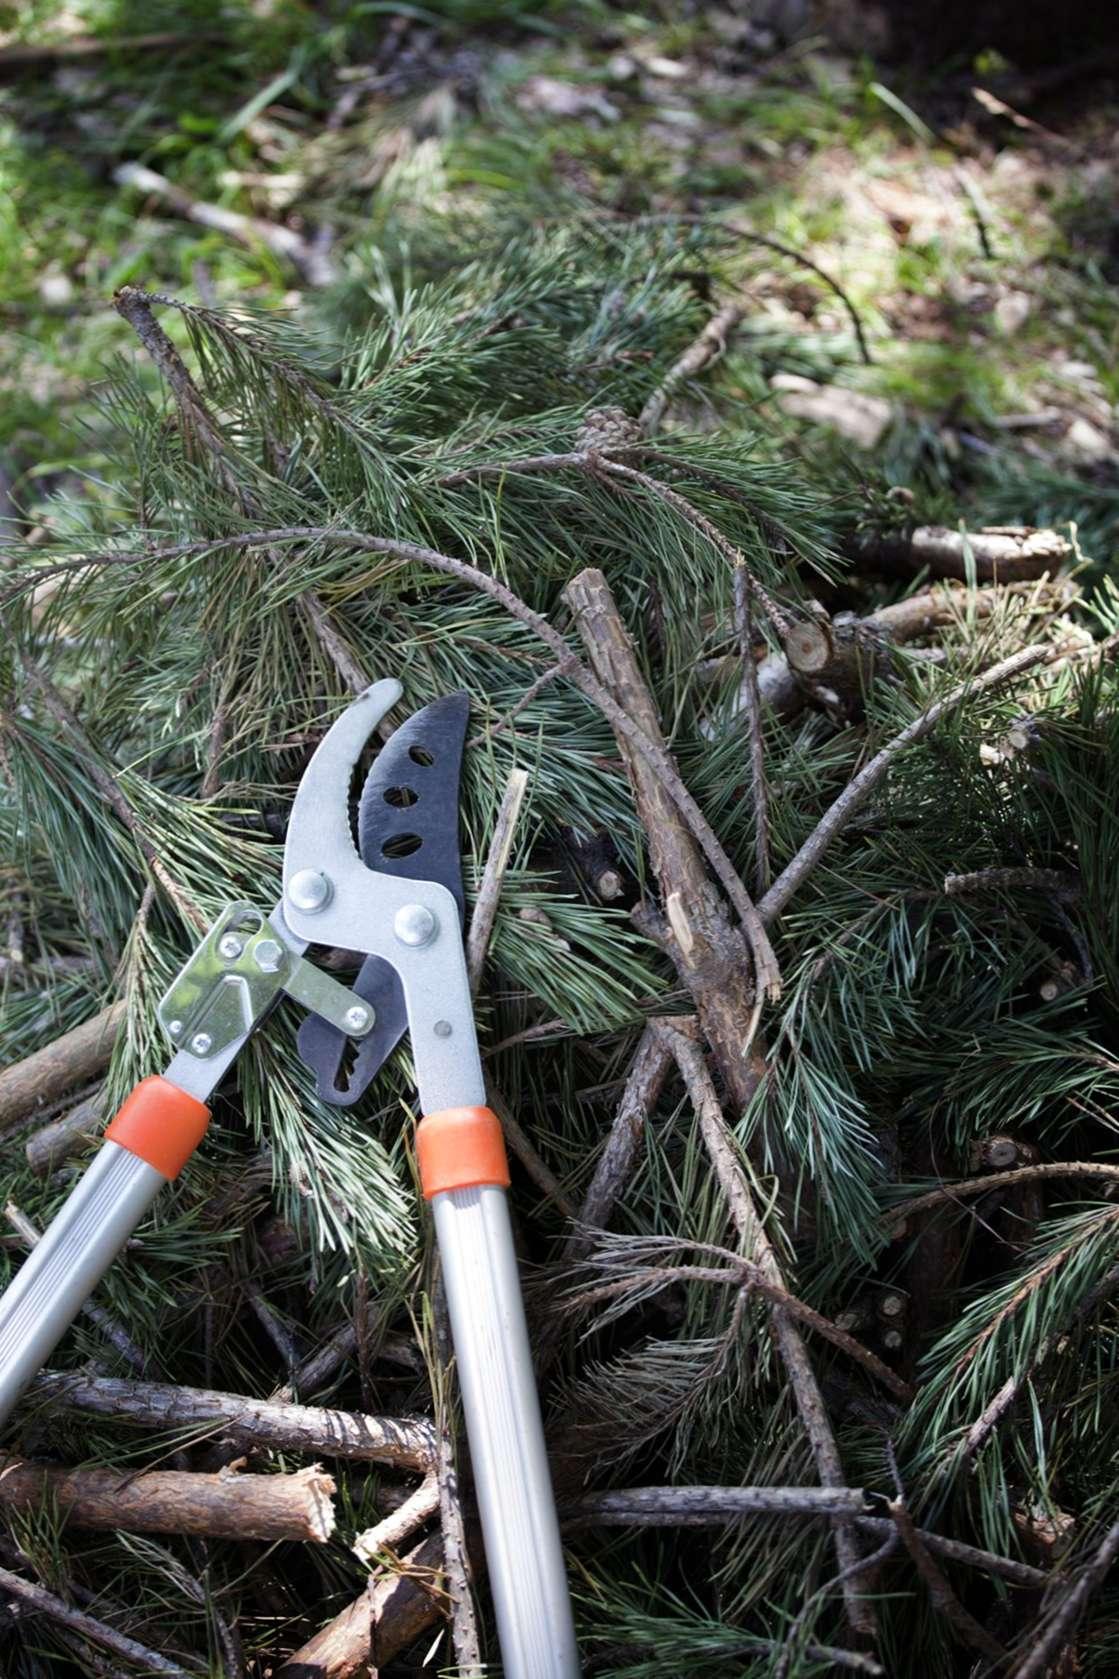 Periodo Migliore Per Potare Quercia potatura del pino: come e quando potare gli alberi di pino